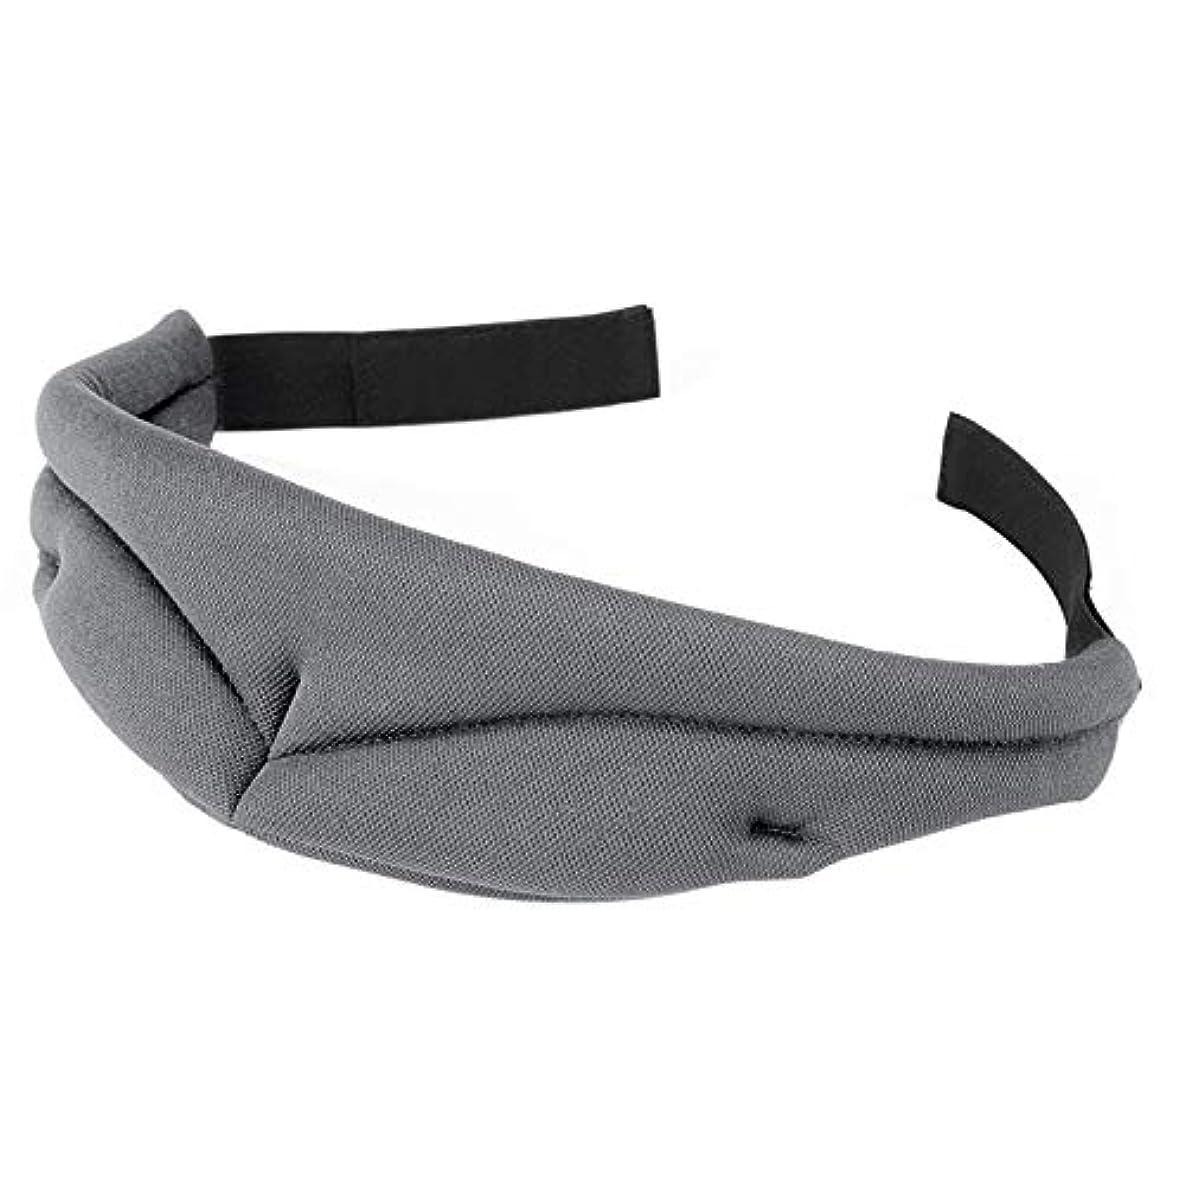 NOTE 3d超ソフト通気性ファブリックアイシェード睡眠アイマスクポータブル旅行睡眠休息補助アイマスクカバーアイパッチ睡眠マスク